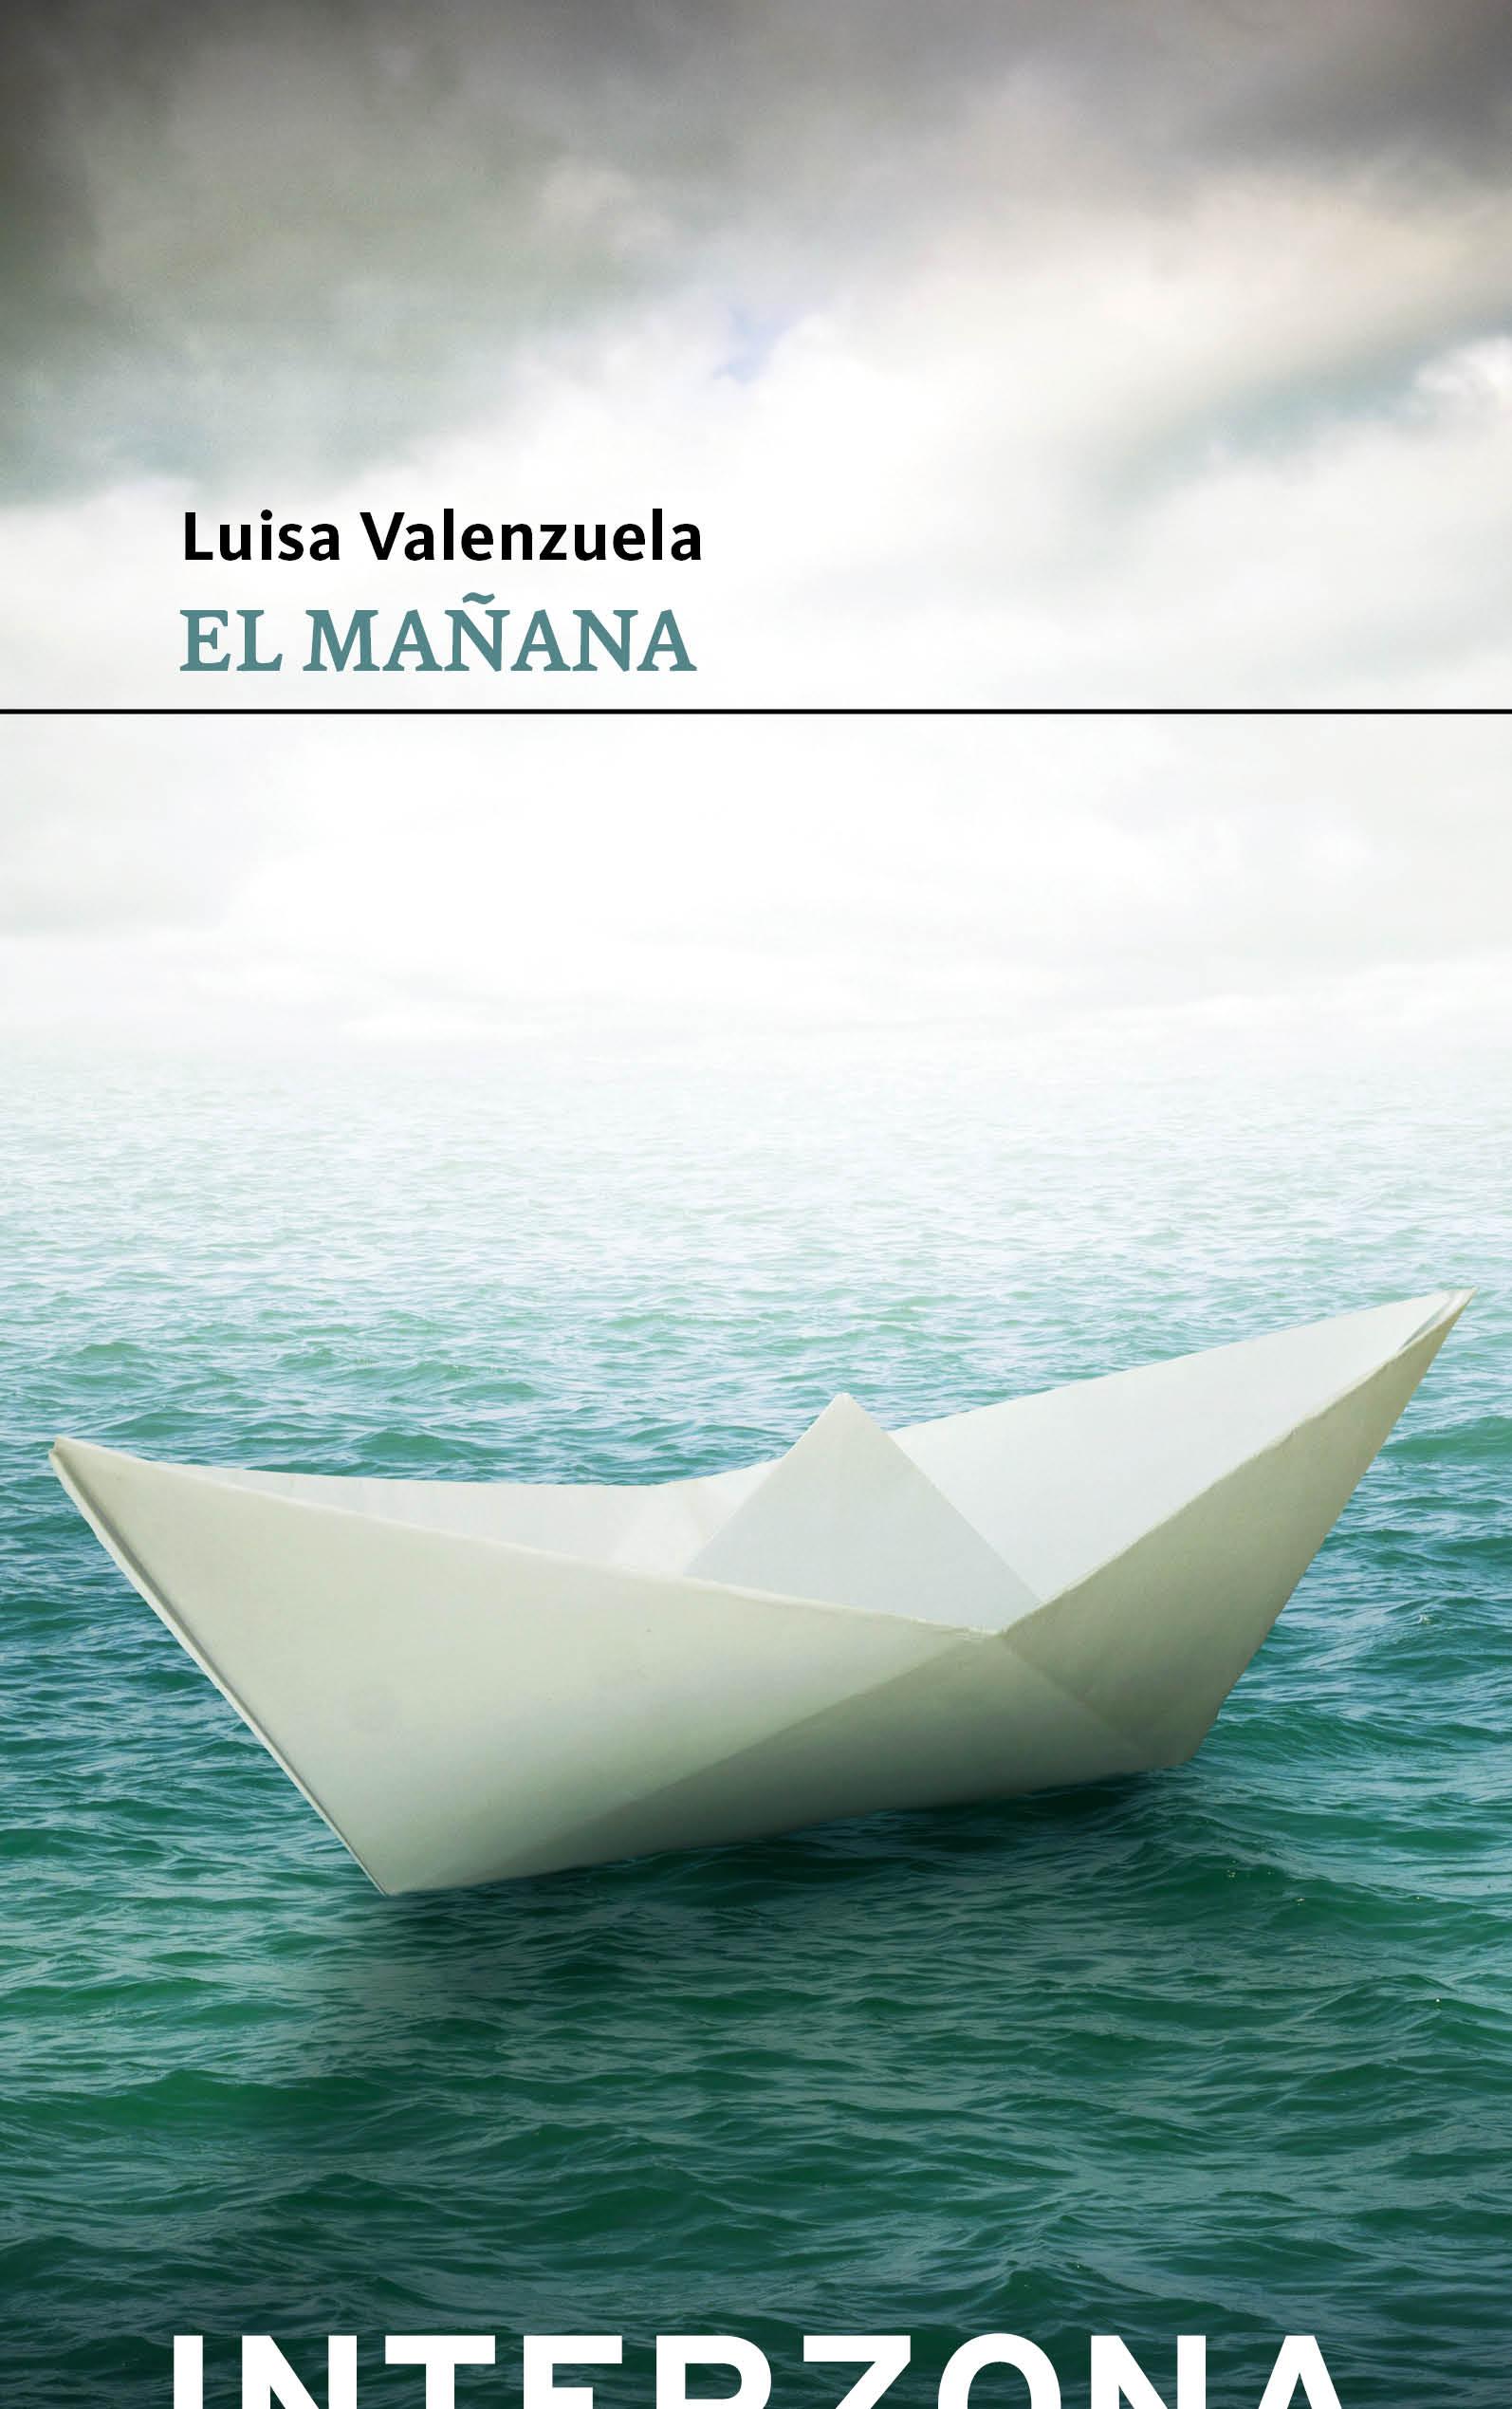 Resultado de imagen para VALENZUELA, Luisa. El mañana, Buenos Aires, Interzona, 2020.